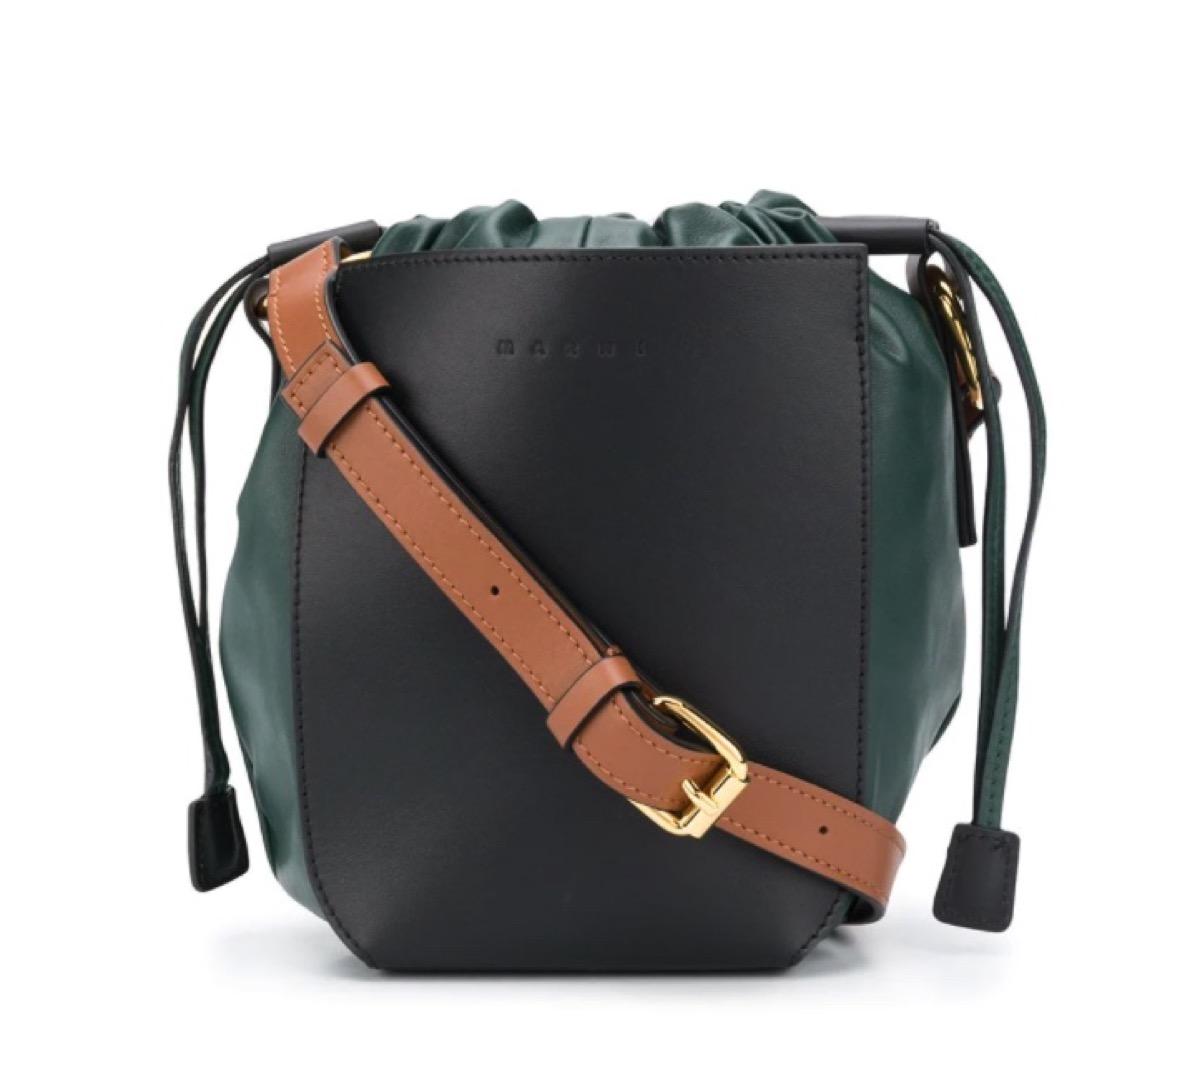 大人かわいいミニバッグ値段別まとめ♪Marni(マルニ)Gusset バケットバッグ・グリーン